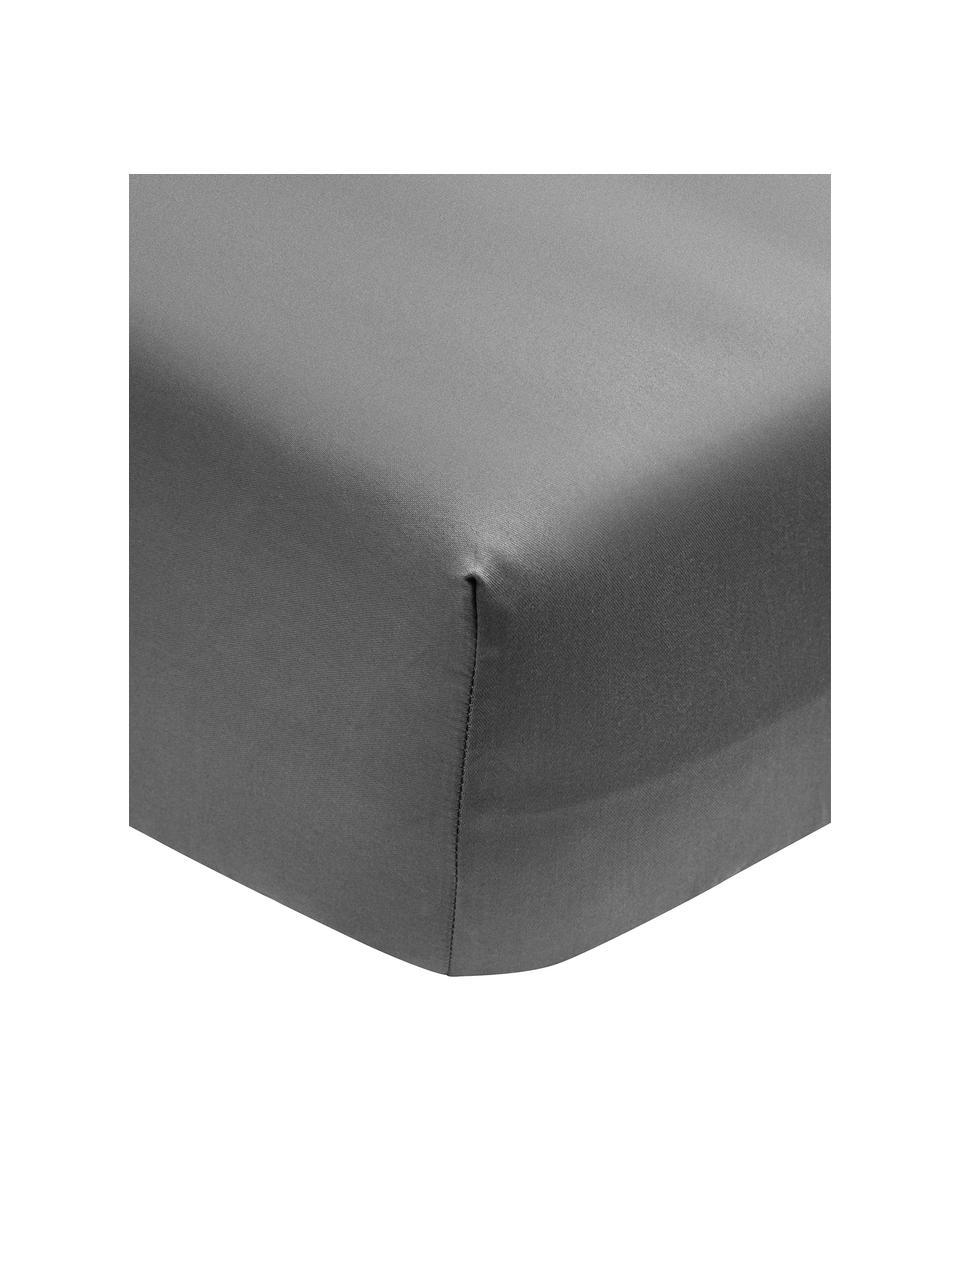 Hoeslaken Premium van biokatoen in donkergrijs, satijn, Weeftechniek: satijn Draaddichtheid 400, Donkergrijs, 180 x 200 cm